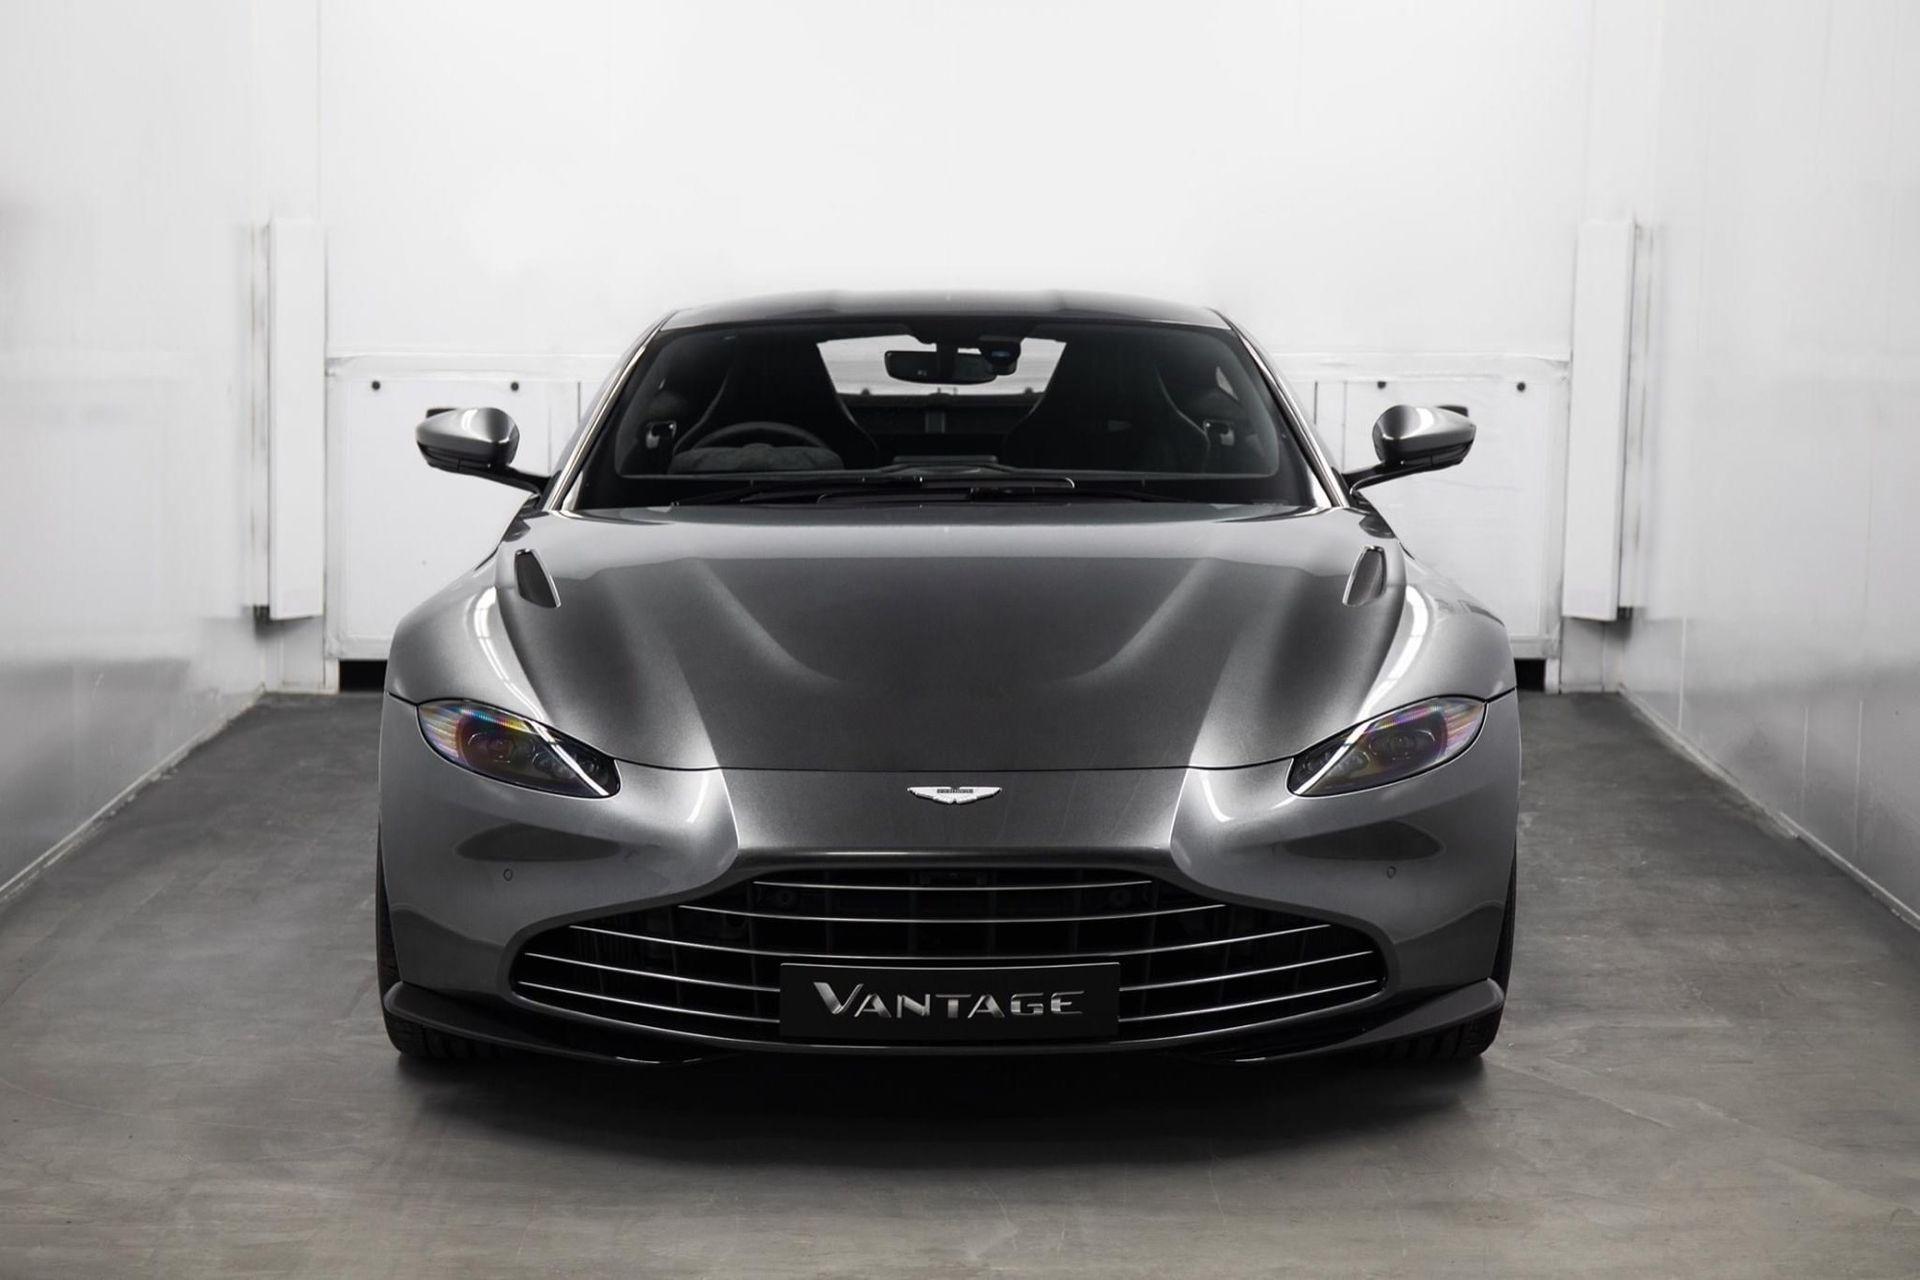 Nu erbjuder även Aston Martin grillbyte på Vantage